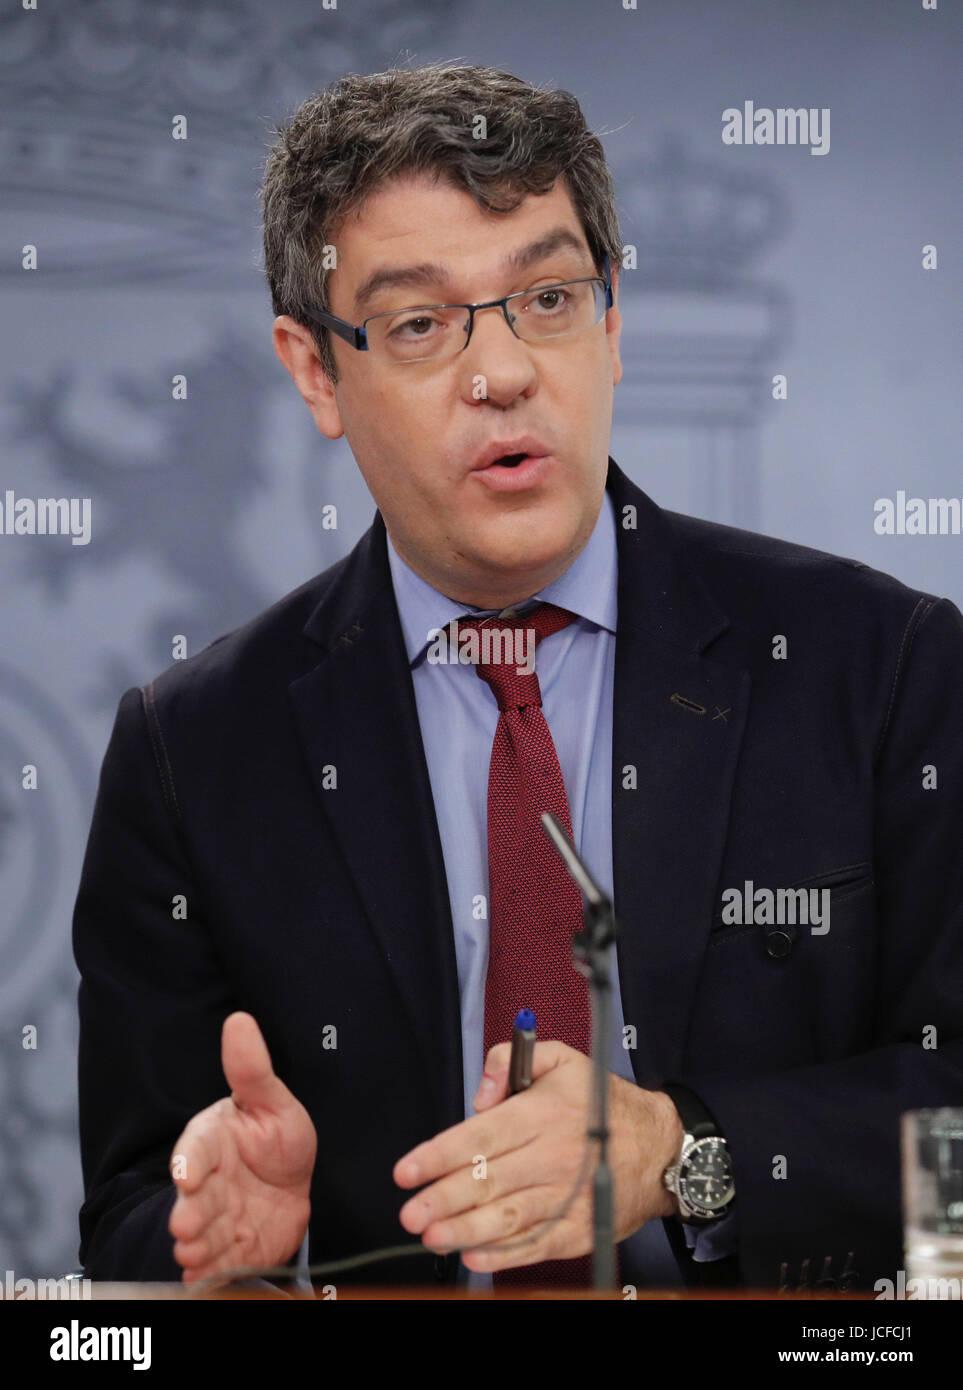 Español de la energía, el turismo y la Agenda Digital, Ministro, Alvaro Nadal, aborda una conferencia Imagen De Stock